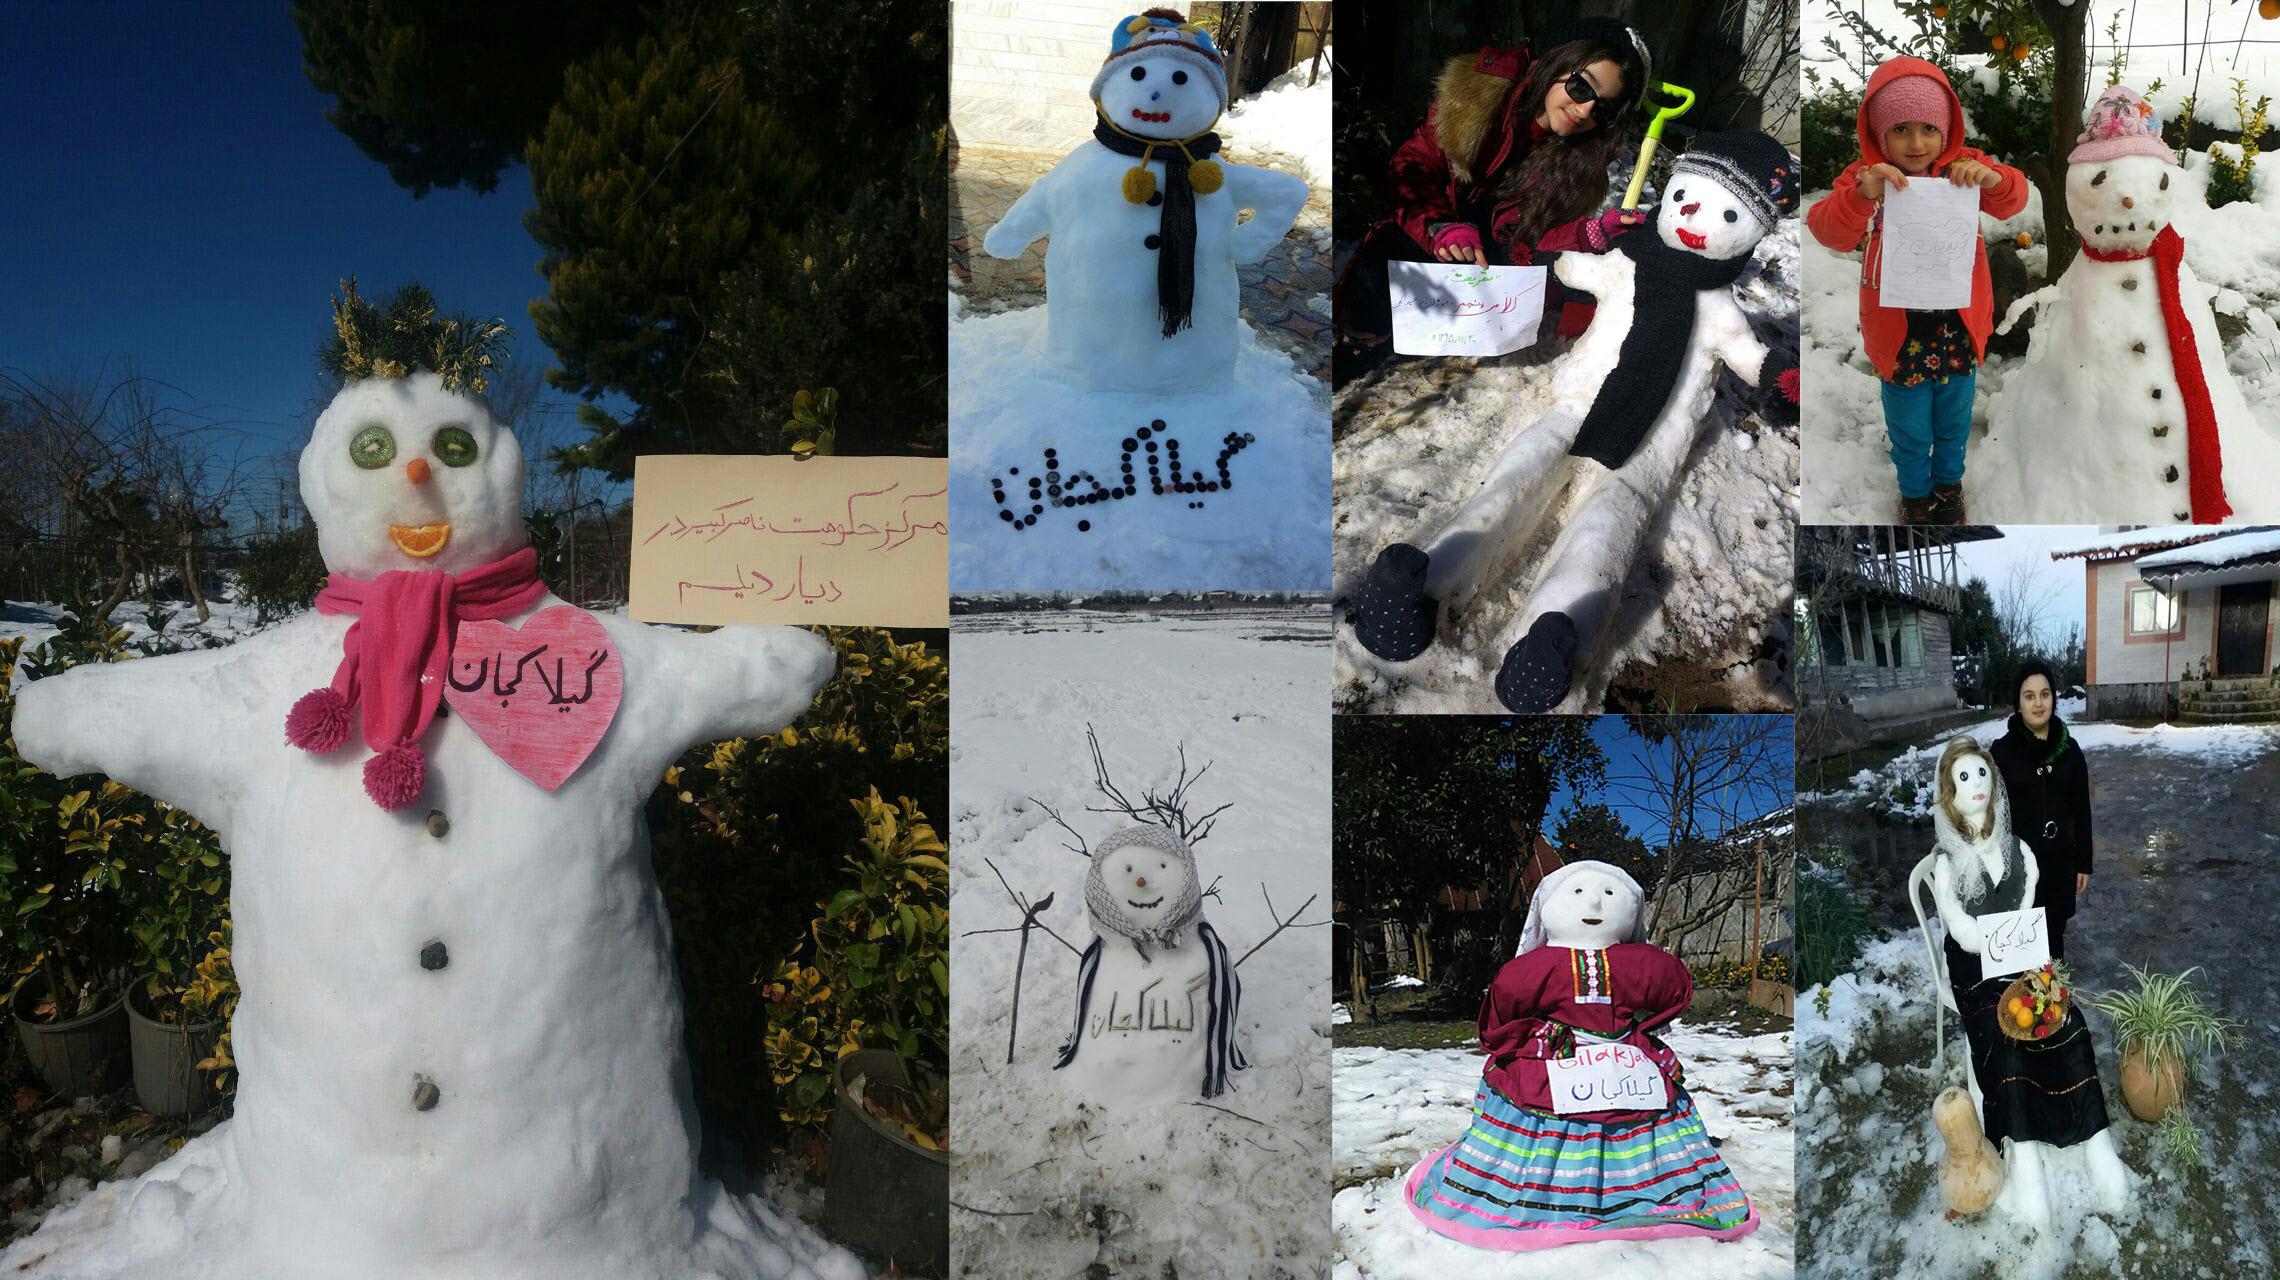 برگزاری دومین مسابقه آدم برفی مهربان / زمستان ۹۵ در گیلاکجان